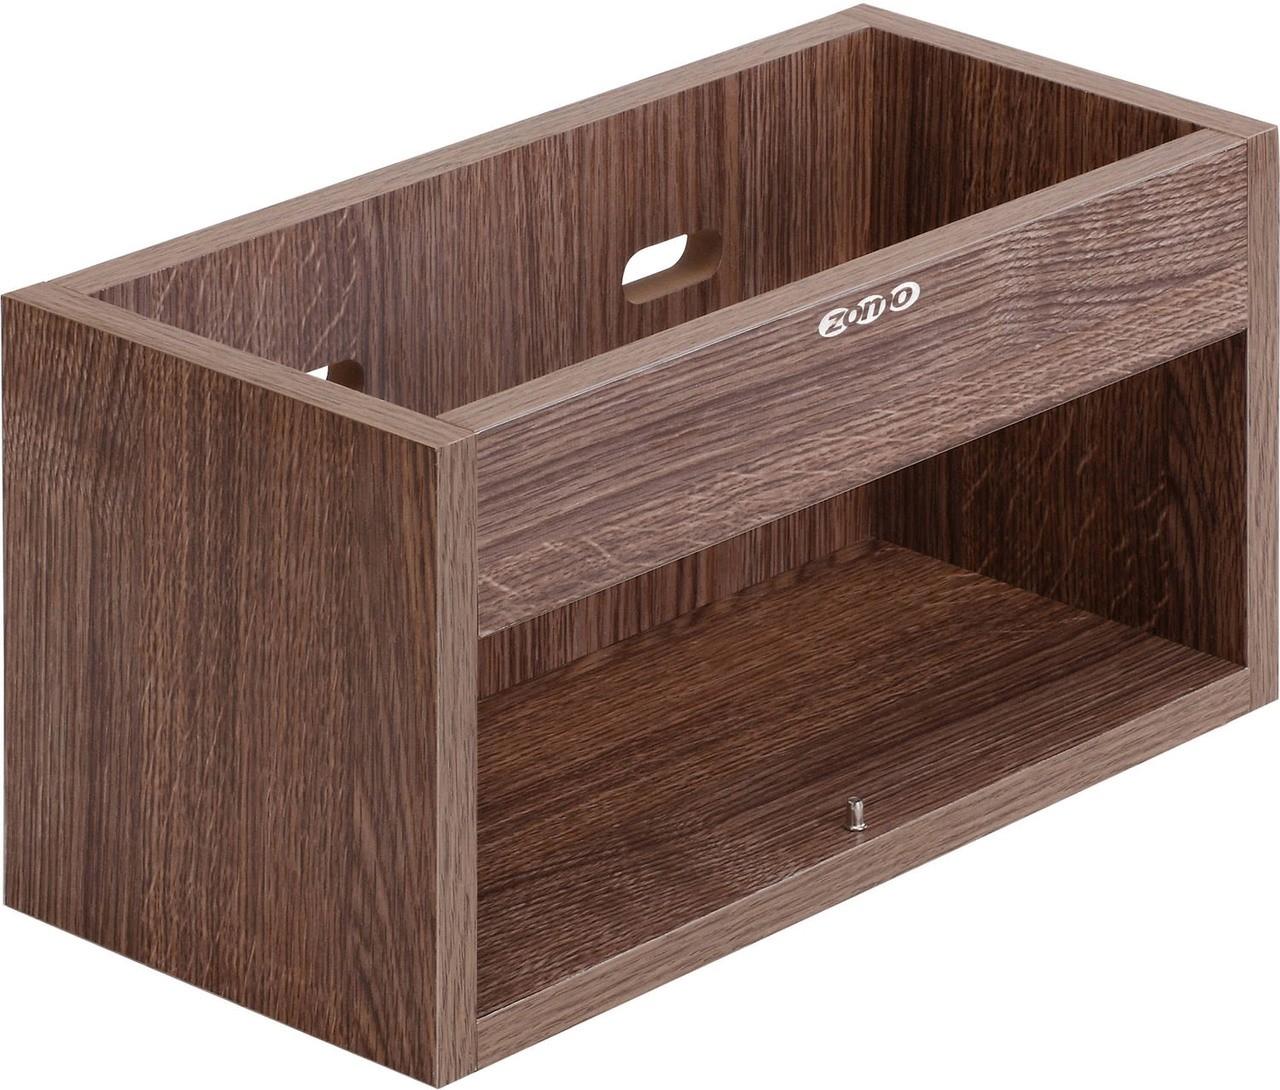 Zomo VS-Box 1/45 - noce 0030103148